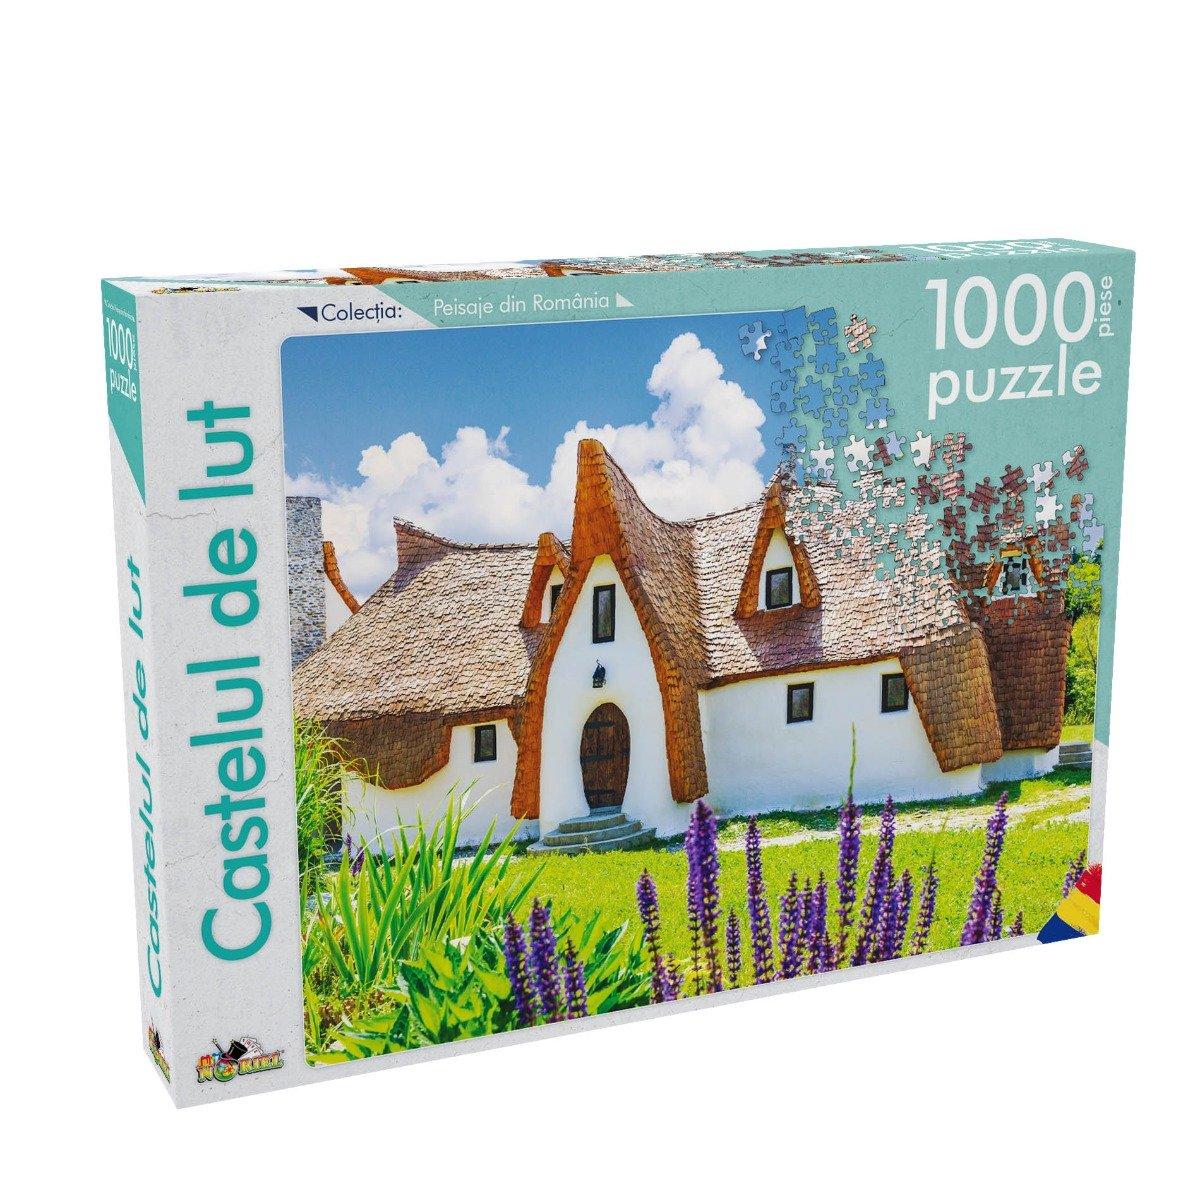 Puzzle Noriel - Peisaje din Romania - Castelul de lut. 1000 piese